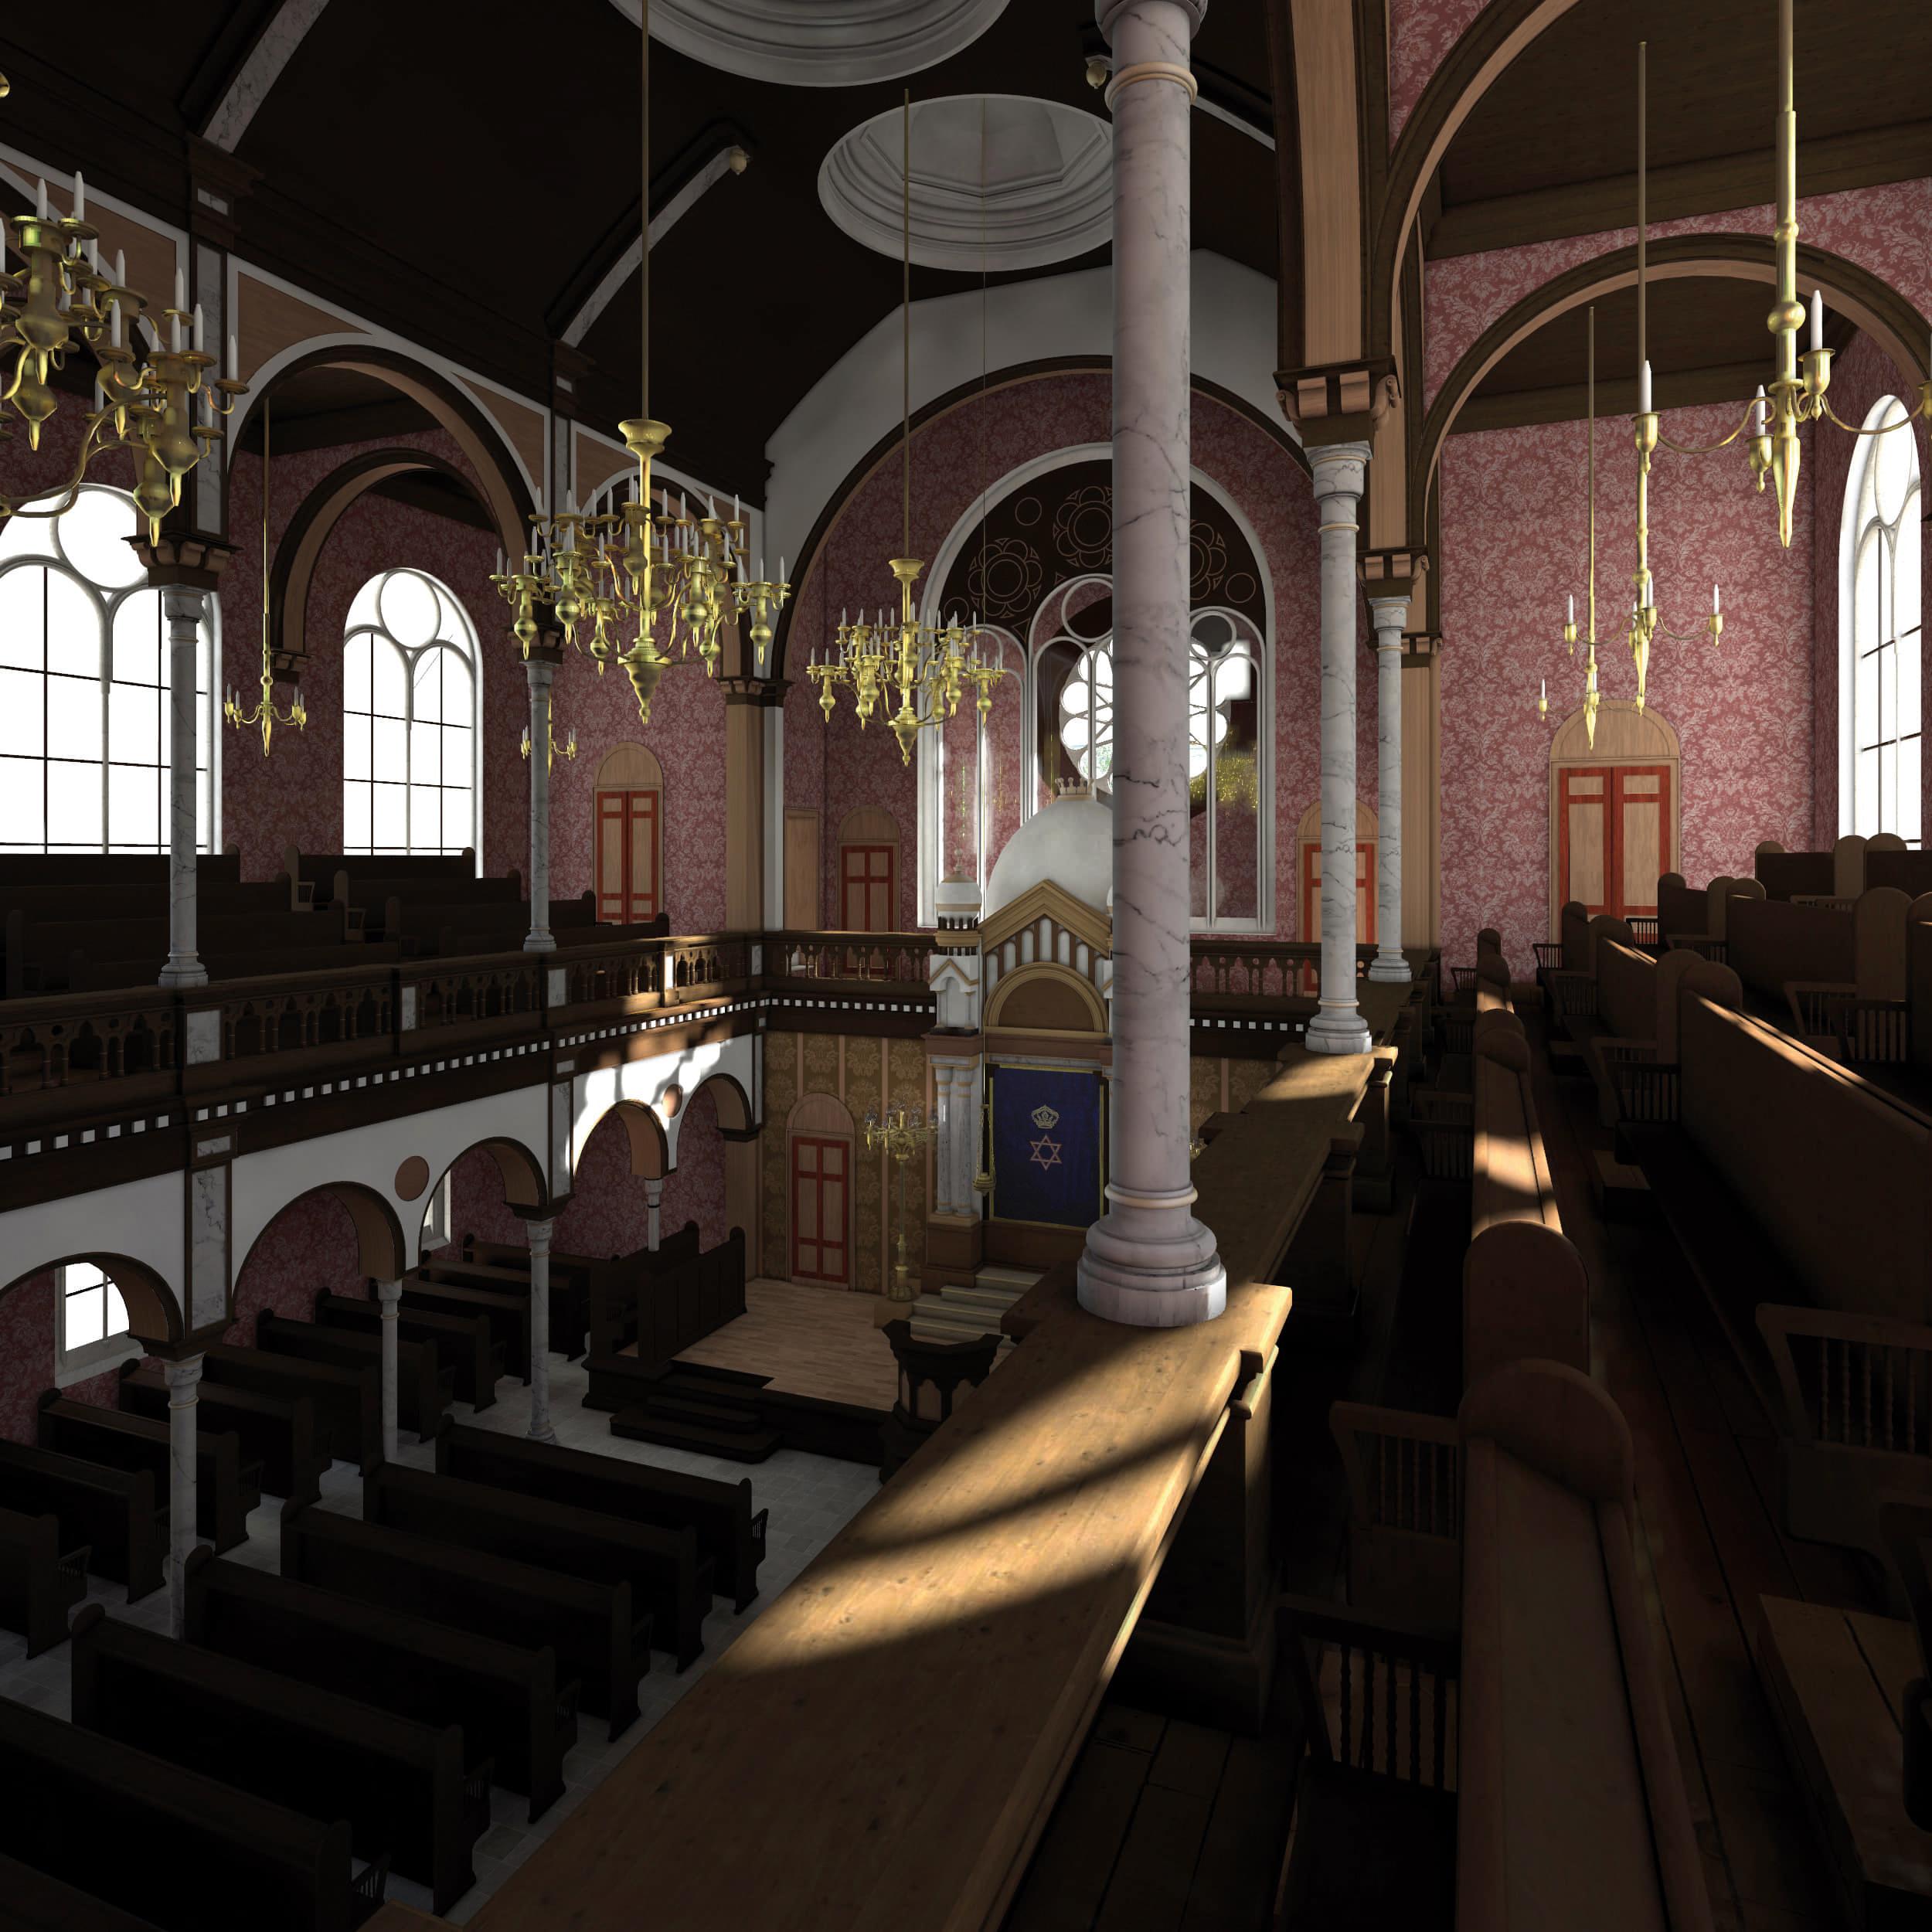 Visualisierung der Synagoge Marienbad, Innenansicht, Frauenemporen